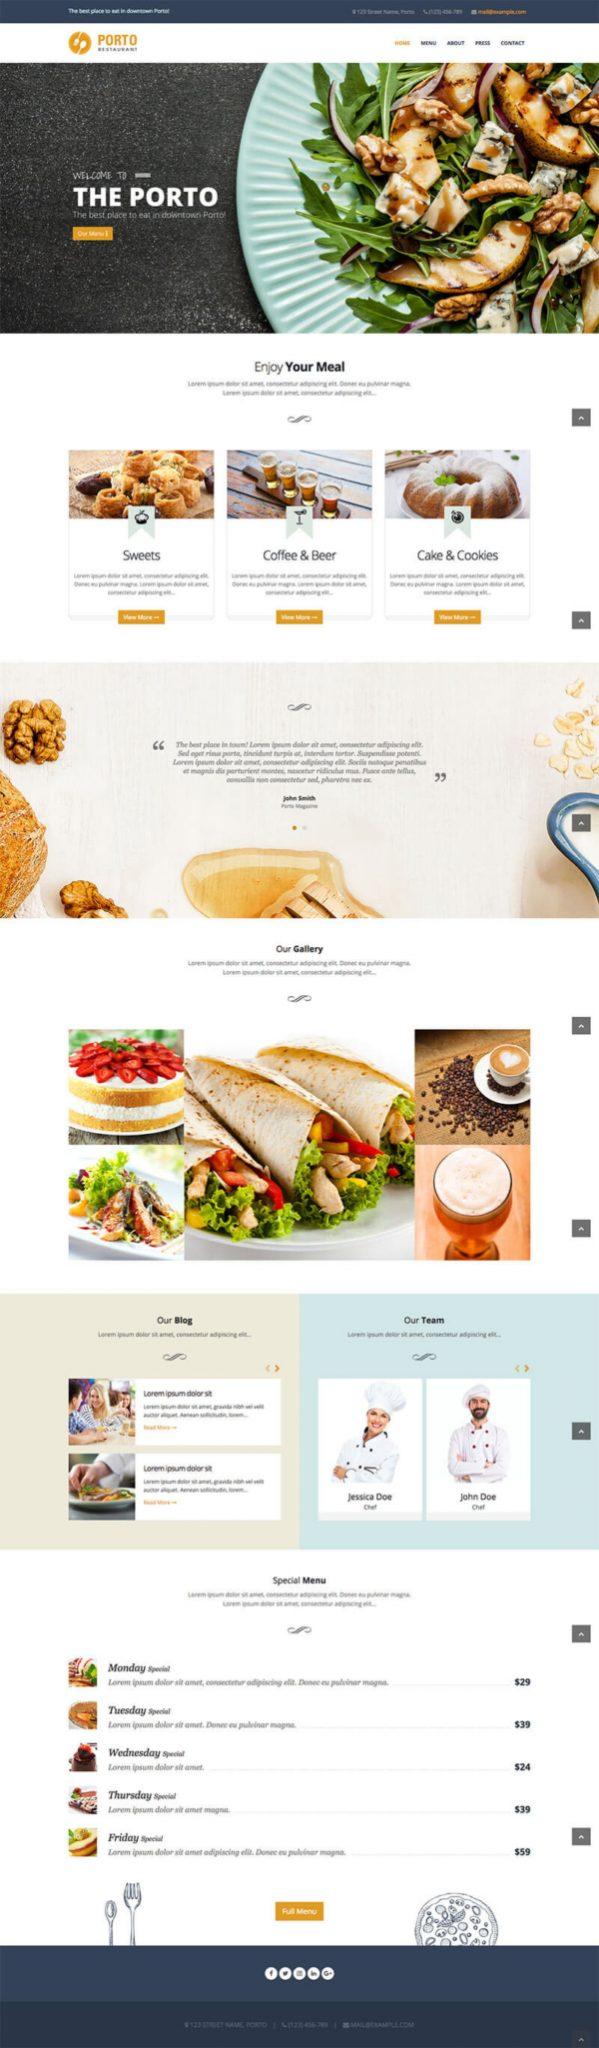 Mẫu web nhà hàng cao cấp Porto